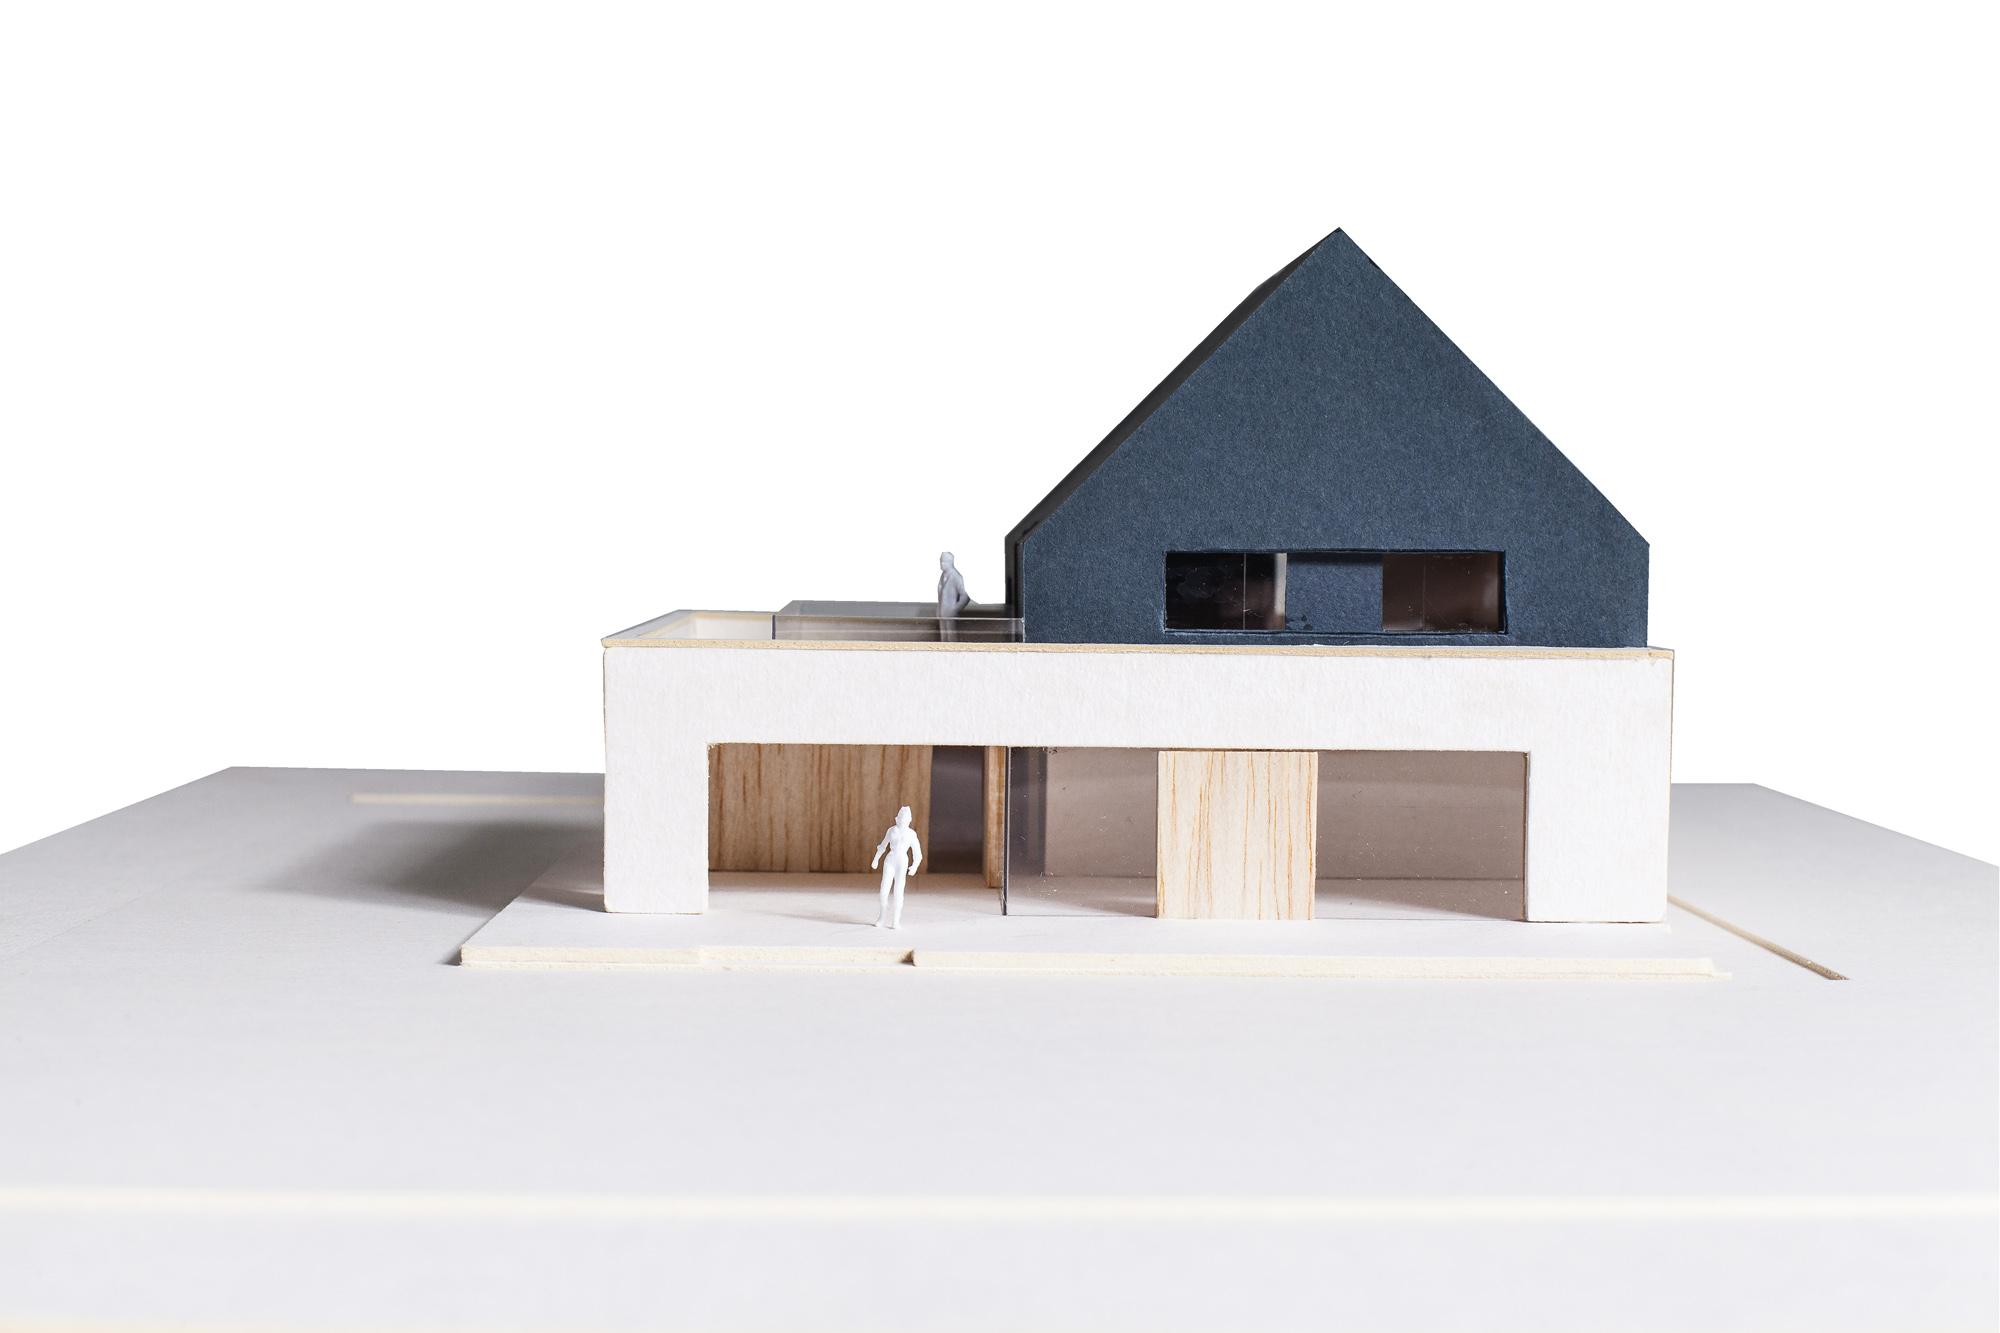 MLC-ZLO-dom-model-11w copy